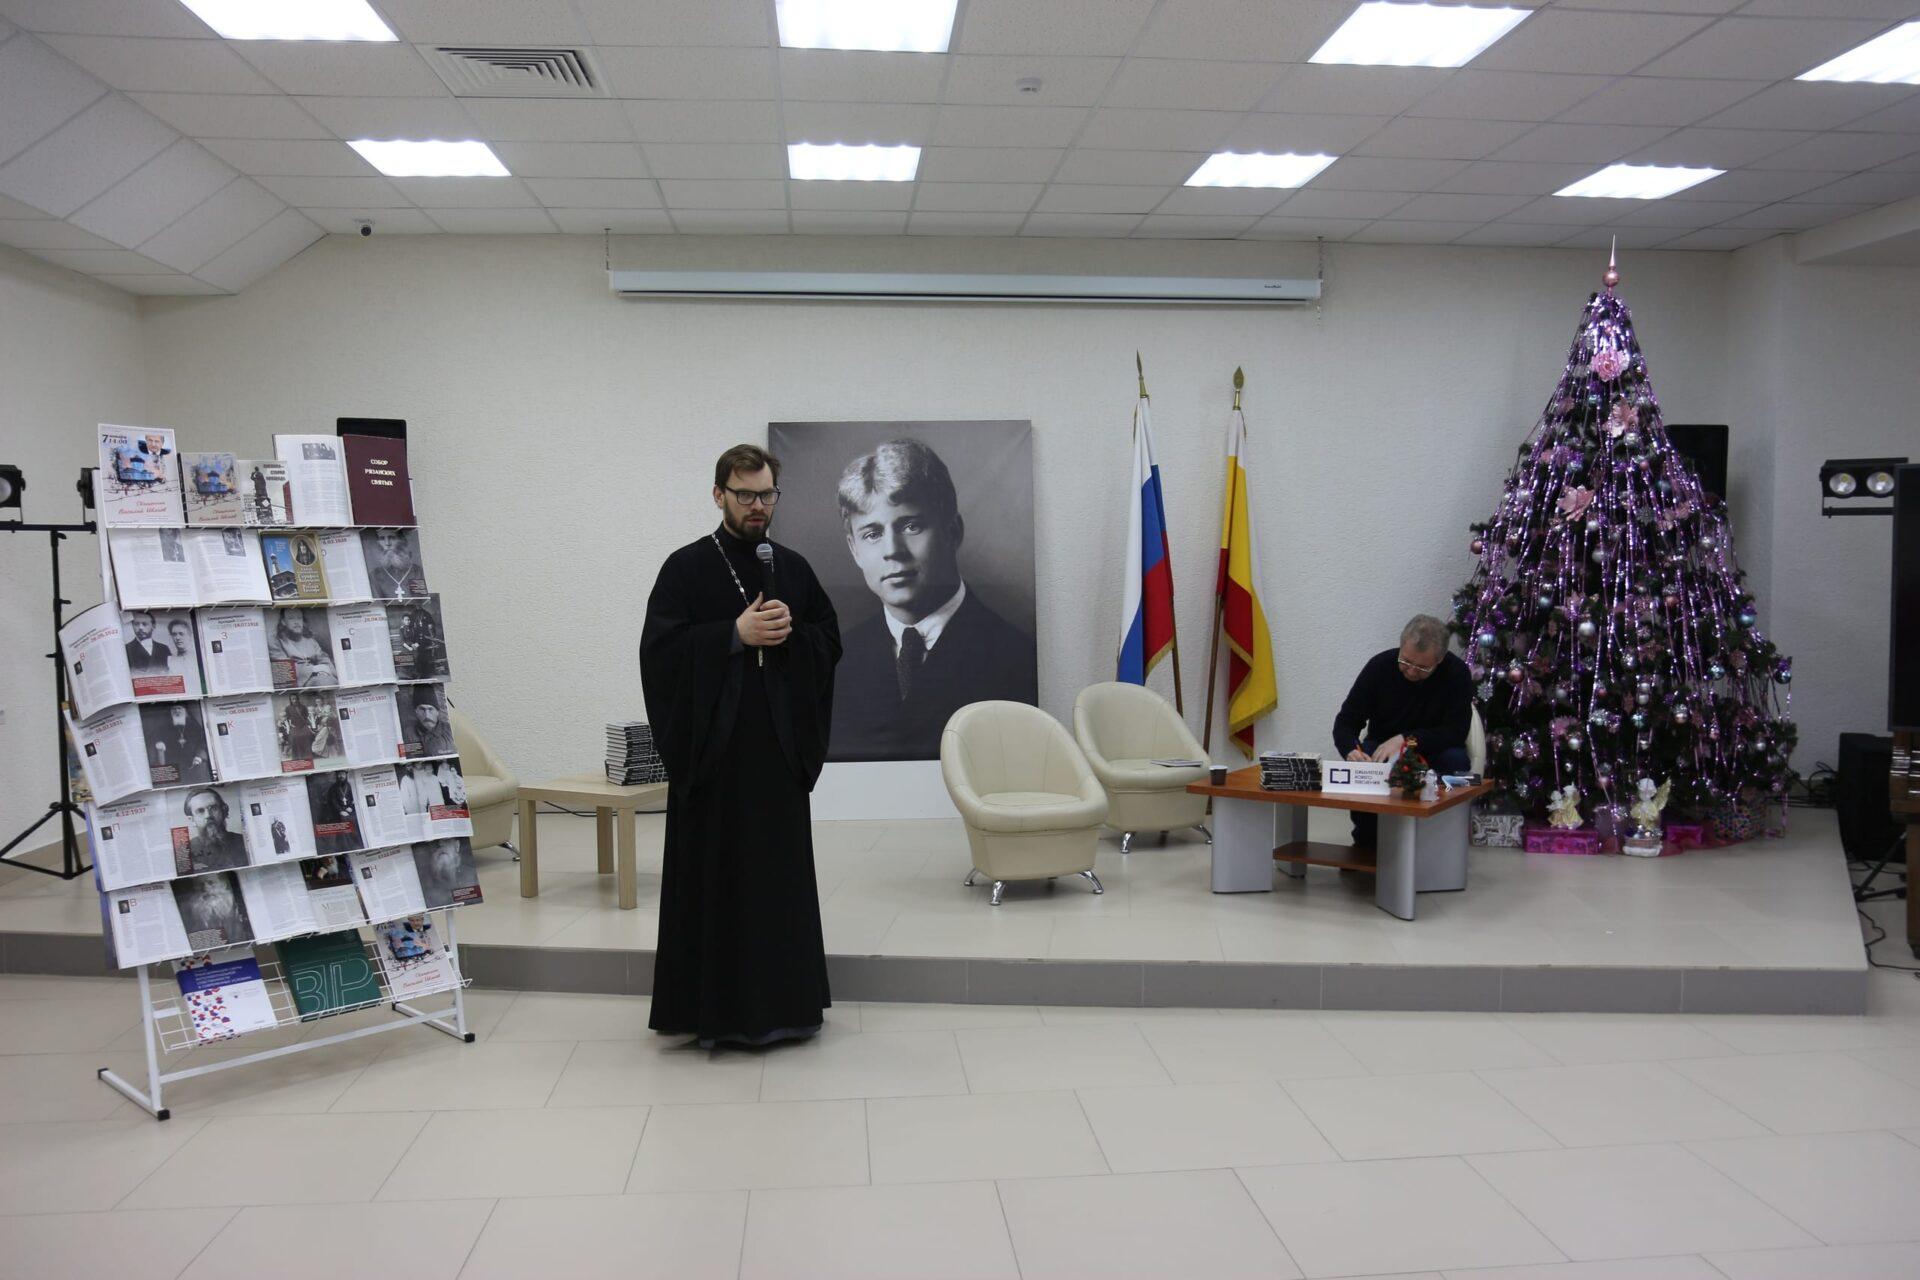 Рязанской библиотеке подарили книгу «Священник Василий Ивлиев. Свою вину не признаю»